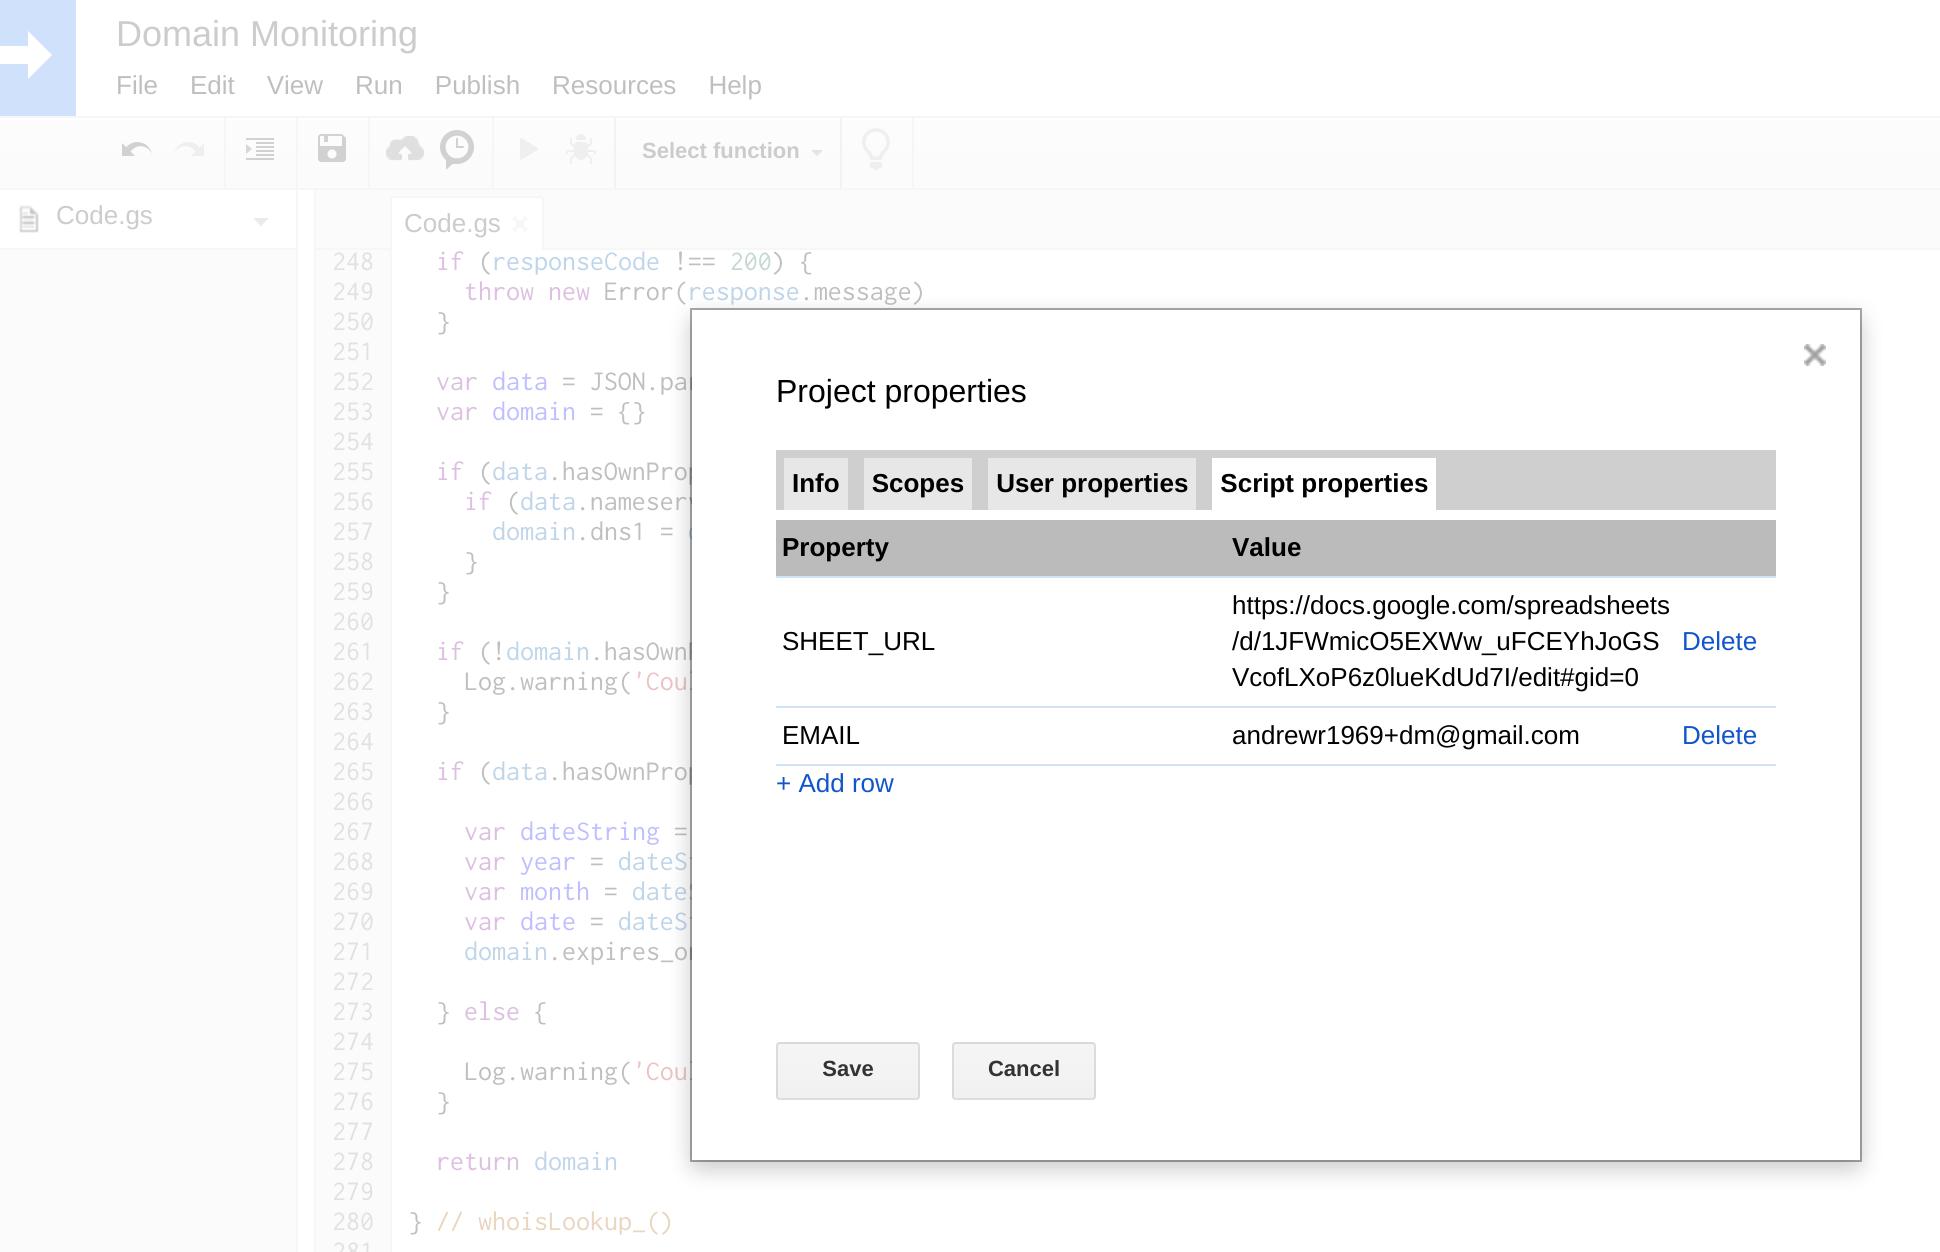 Set script properties